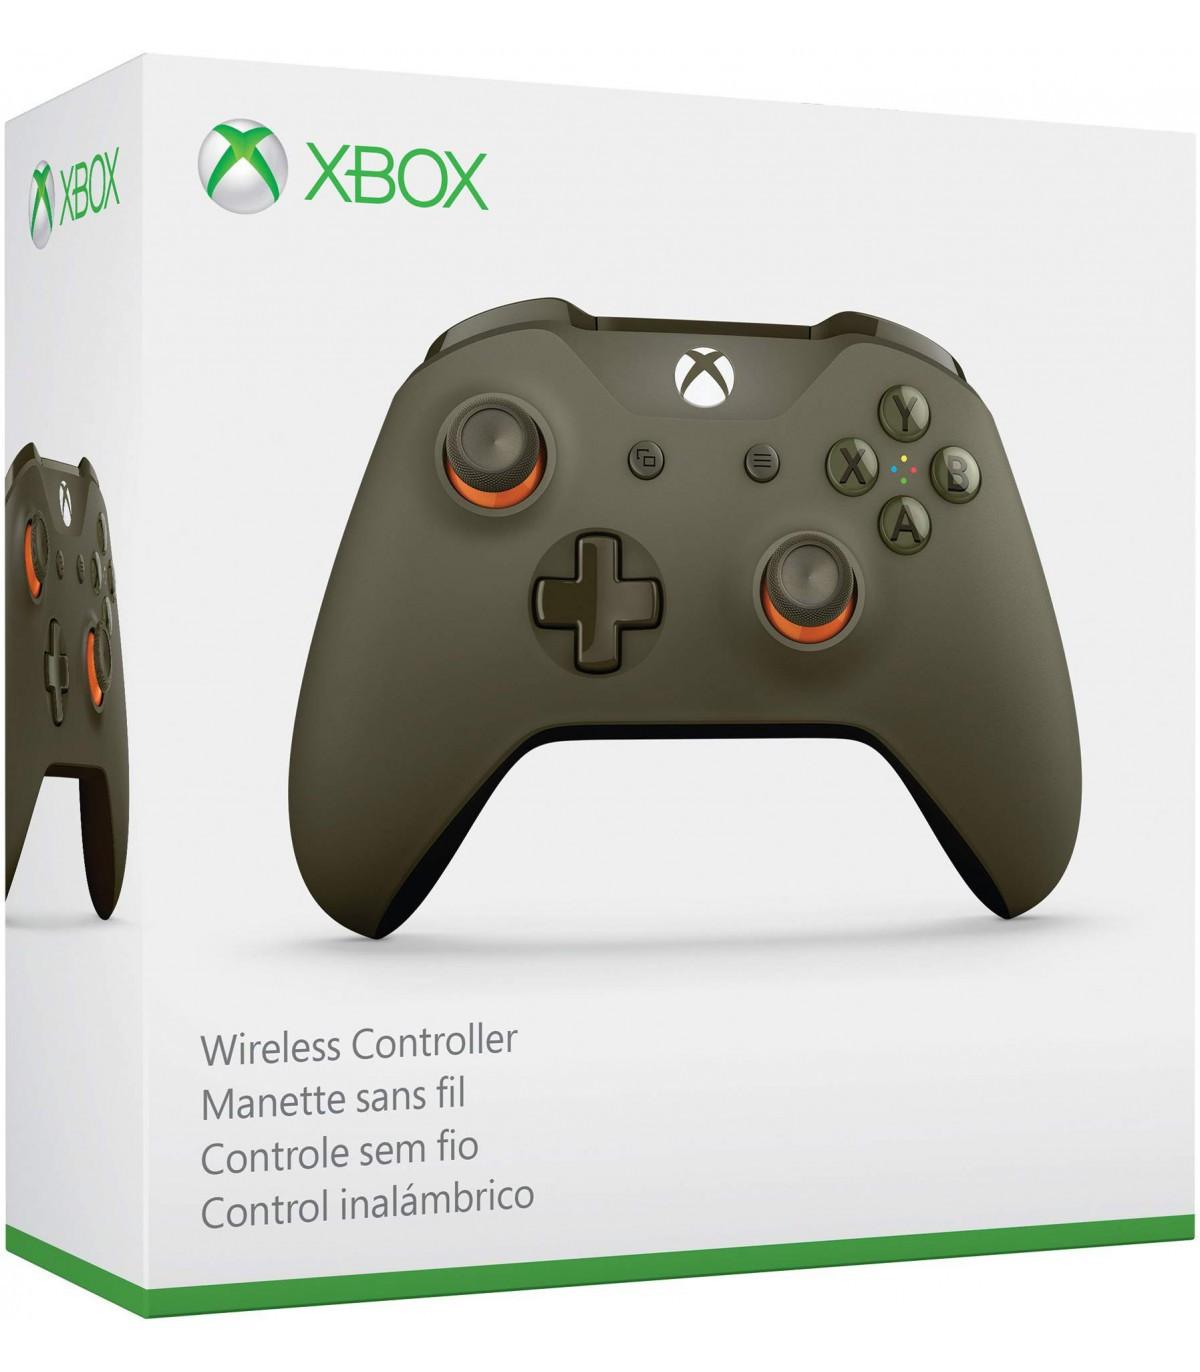 دسته بازی Xbox Wireless Controller سبز/نارنجی